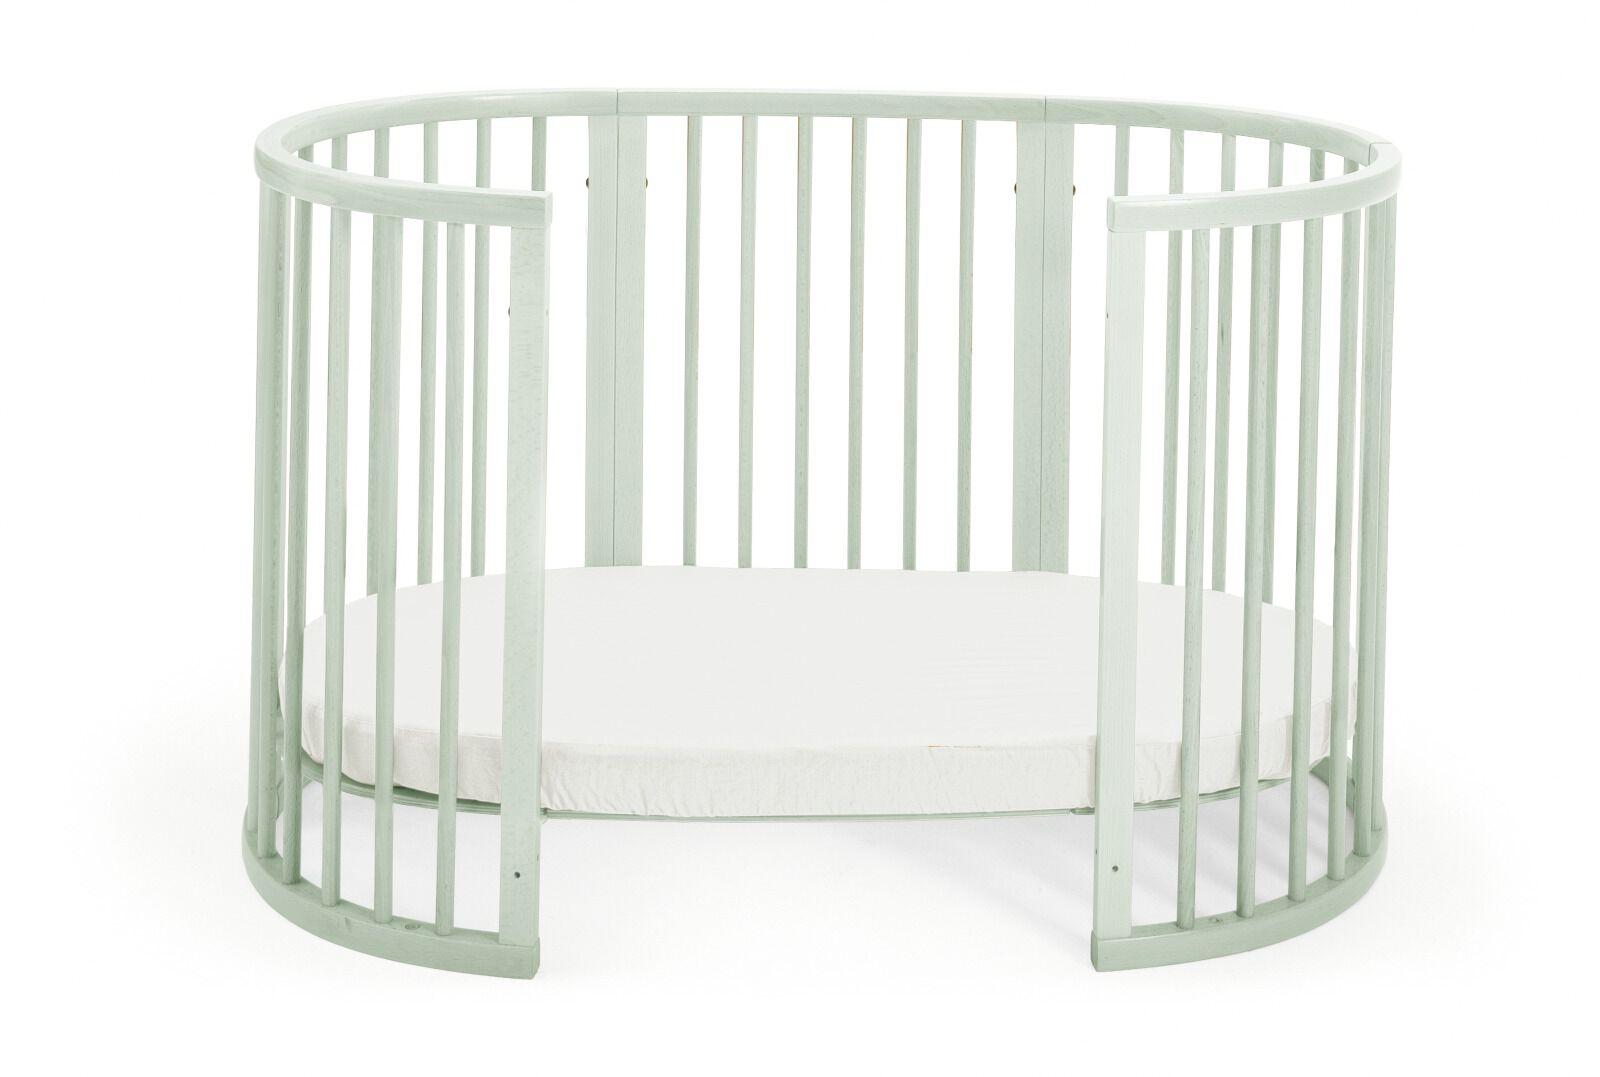 Matras Stokke Sleepi : Архив Детская кроватка stokke sleepi грн Детская мебель